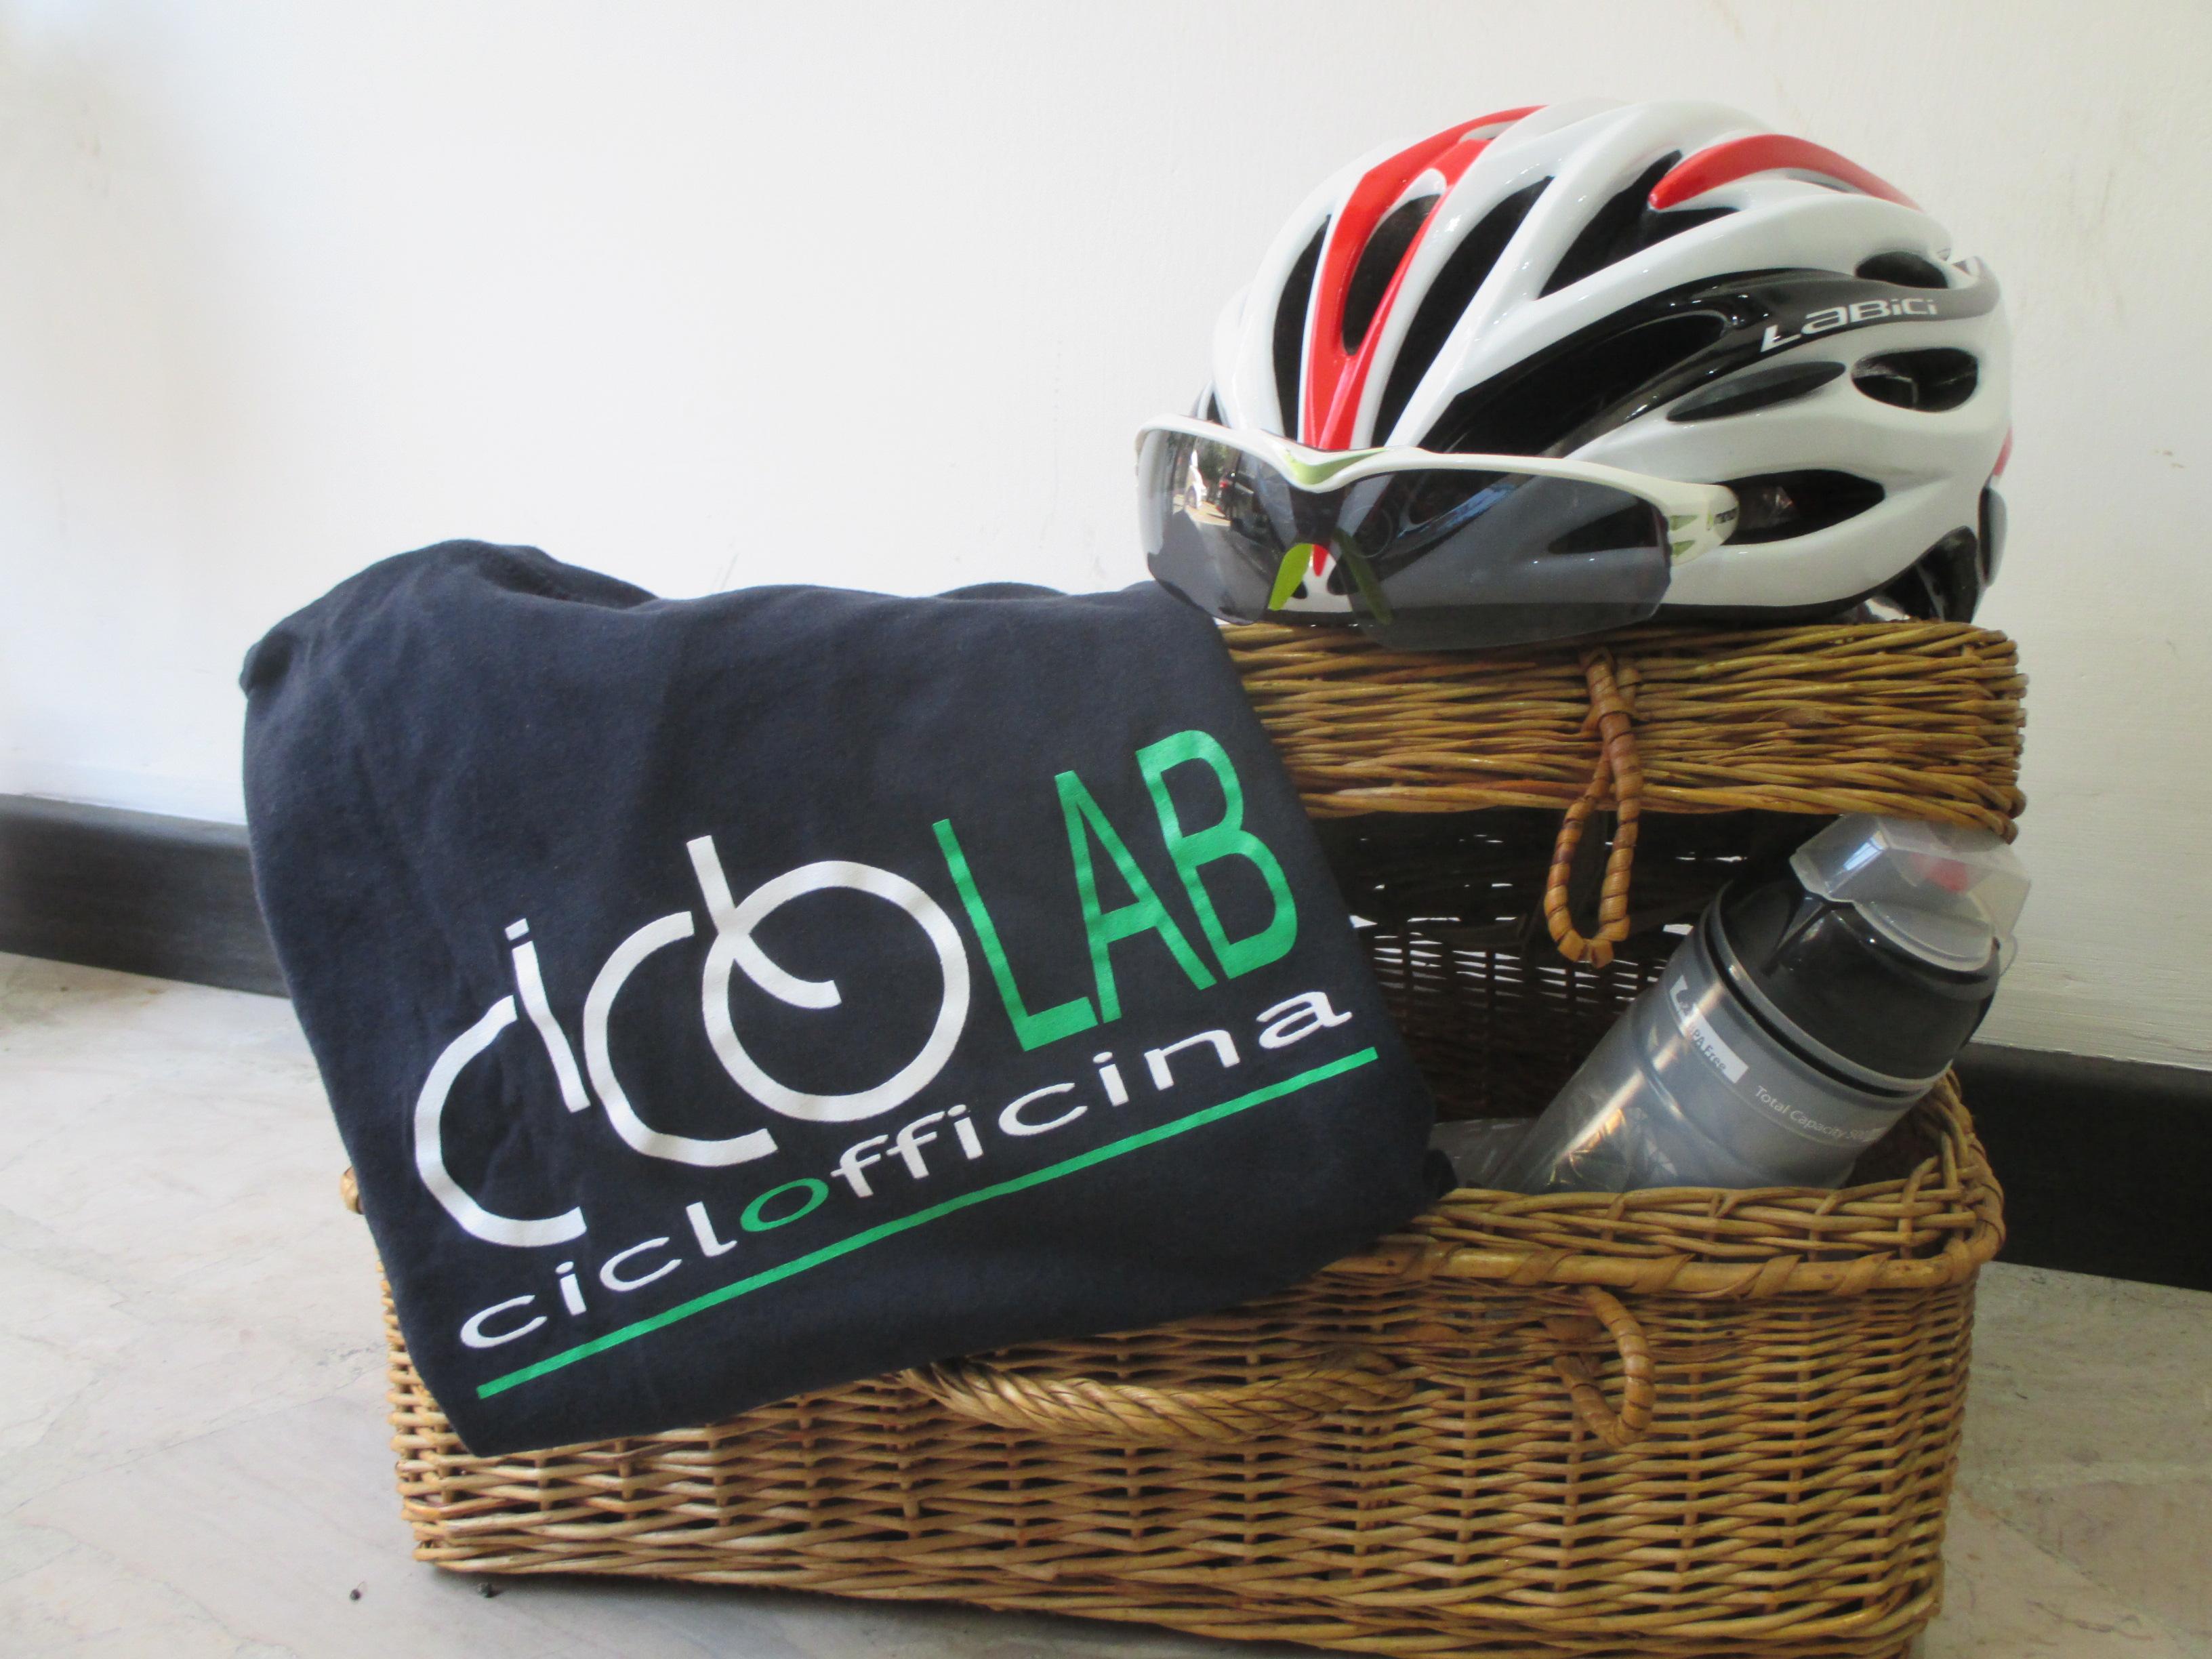 Bici fixed usate tutte le offerte cascare a fagiolo for Cascare a fagiolo